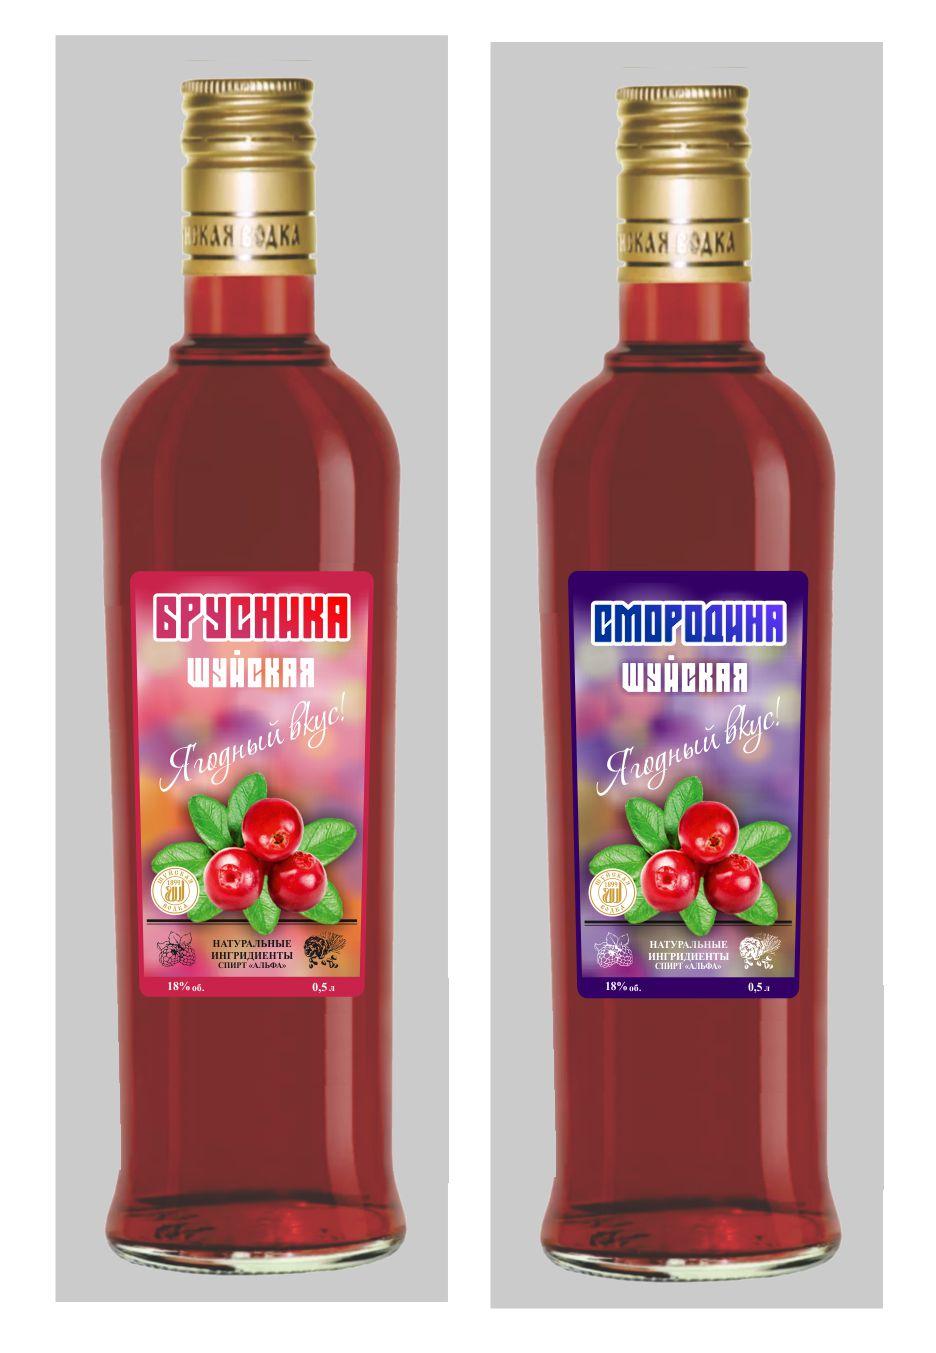 Дизайн этикетки алкогольного продукта (сладкая настойка) фото f_1785f88c93433396.jpg